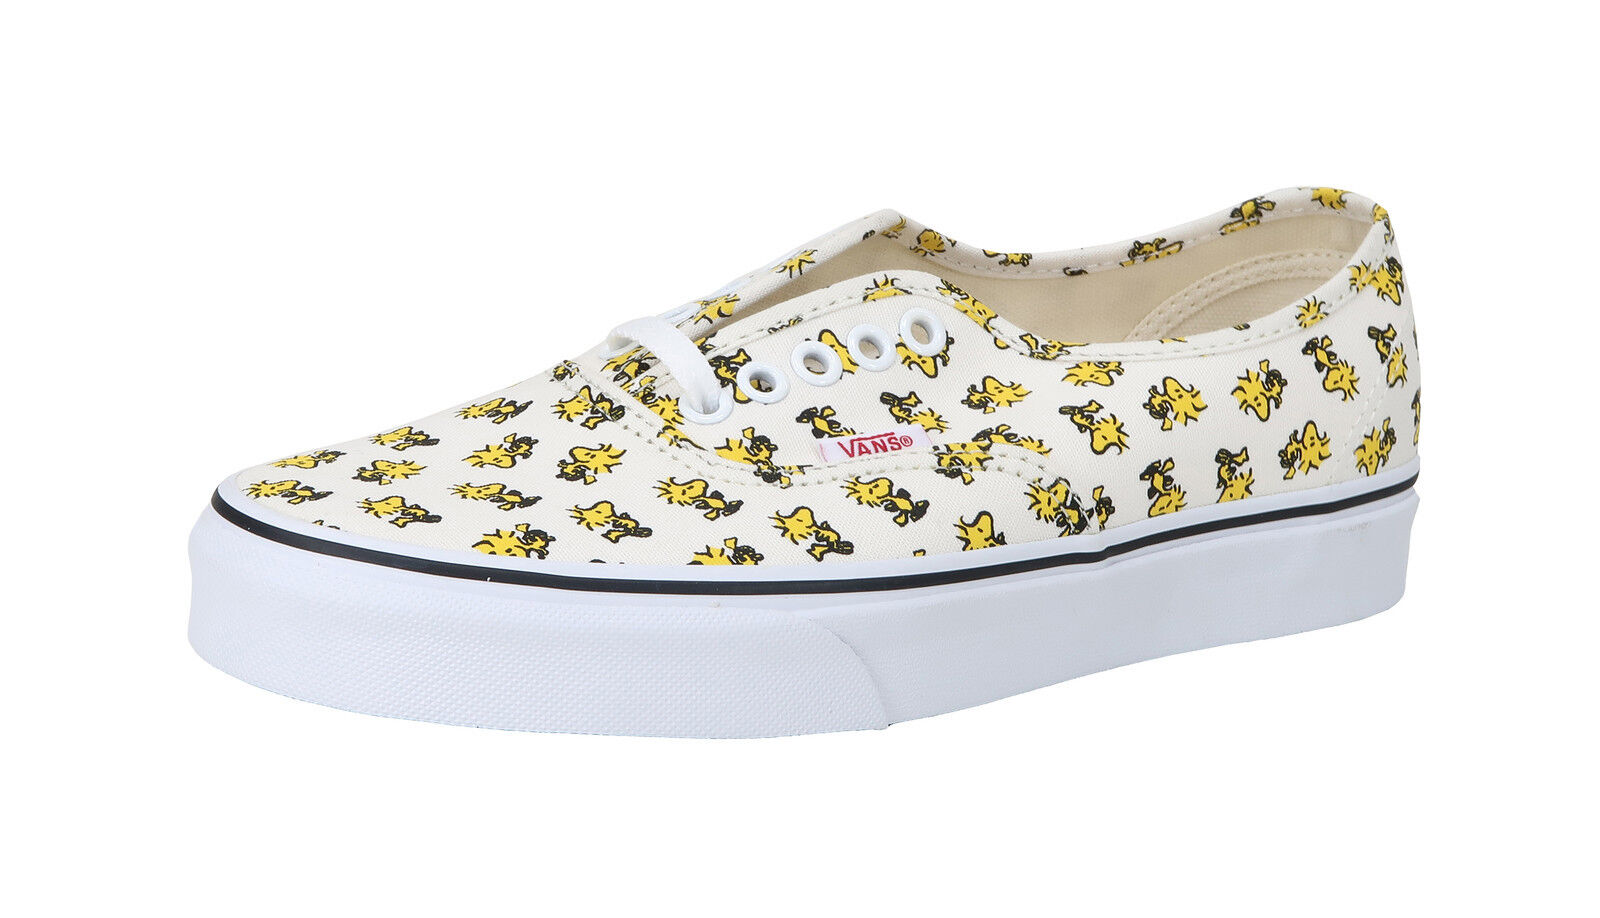 VANS VANS VANS Peanuts Authentic Woodstock Bone Canvas Lace Up Fashion Sneakers Men shoes 381c89